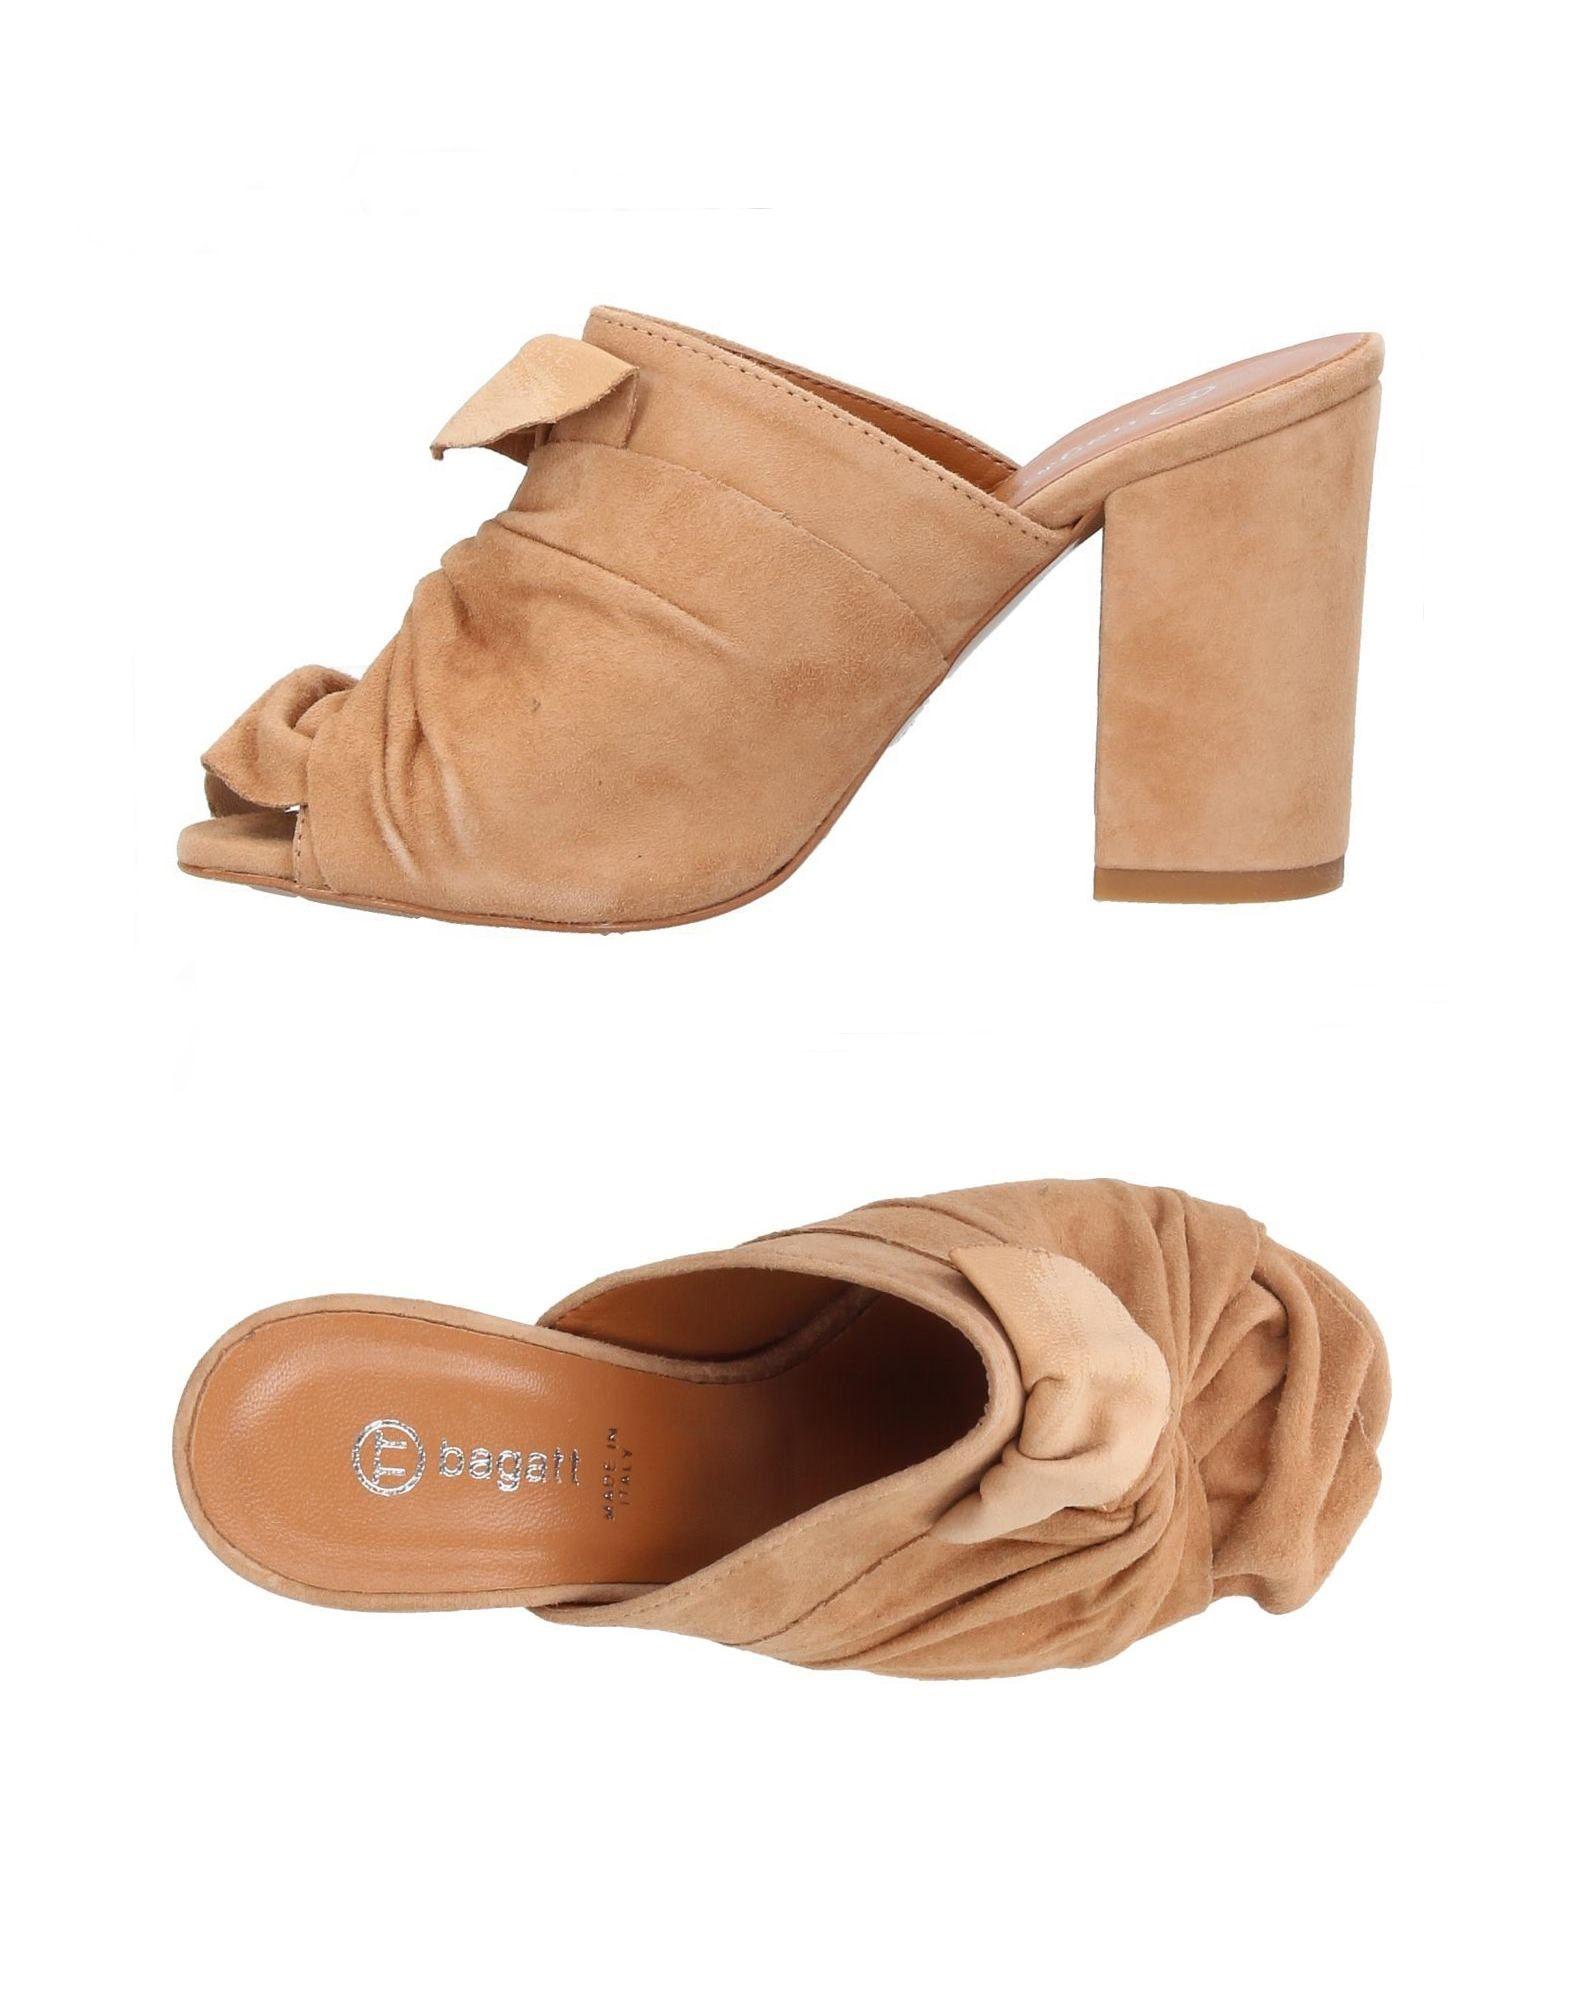 Bagatt Sandalen Damen  11412777KM Gute Qualität beliebte Schuhe